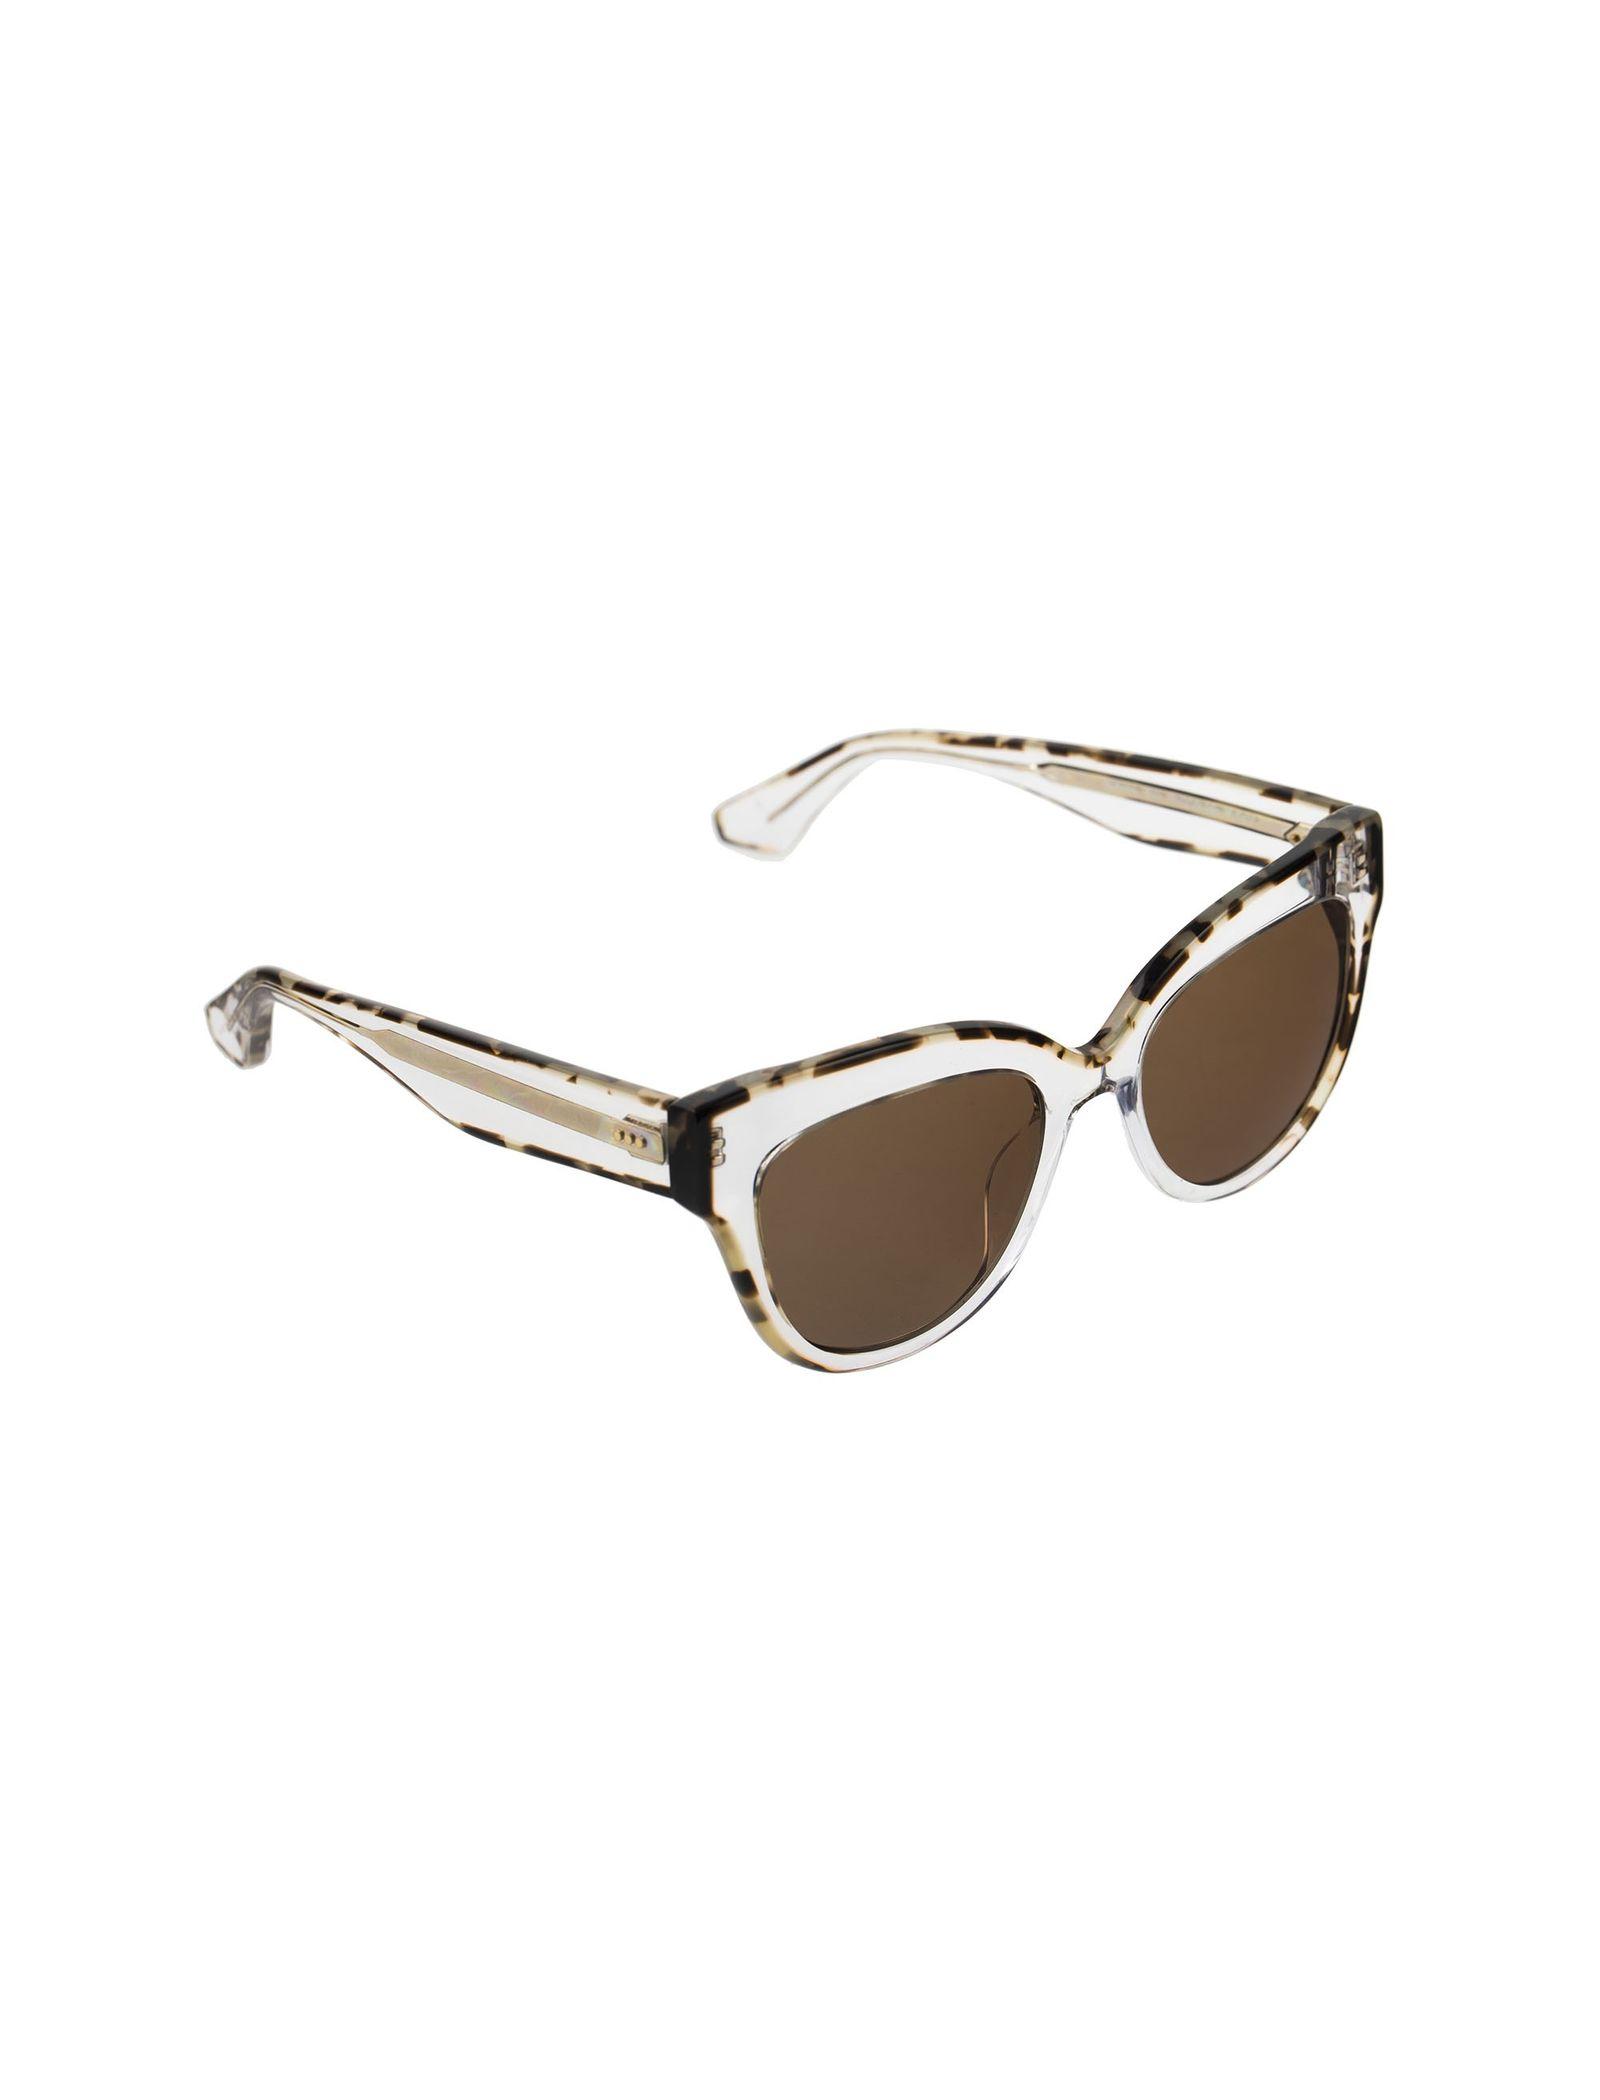 عینک آفتابی گربه ای زنانه - ساندرو - بي رنگ - 2